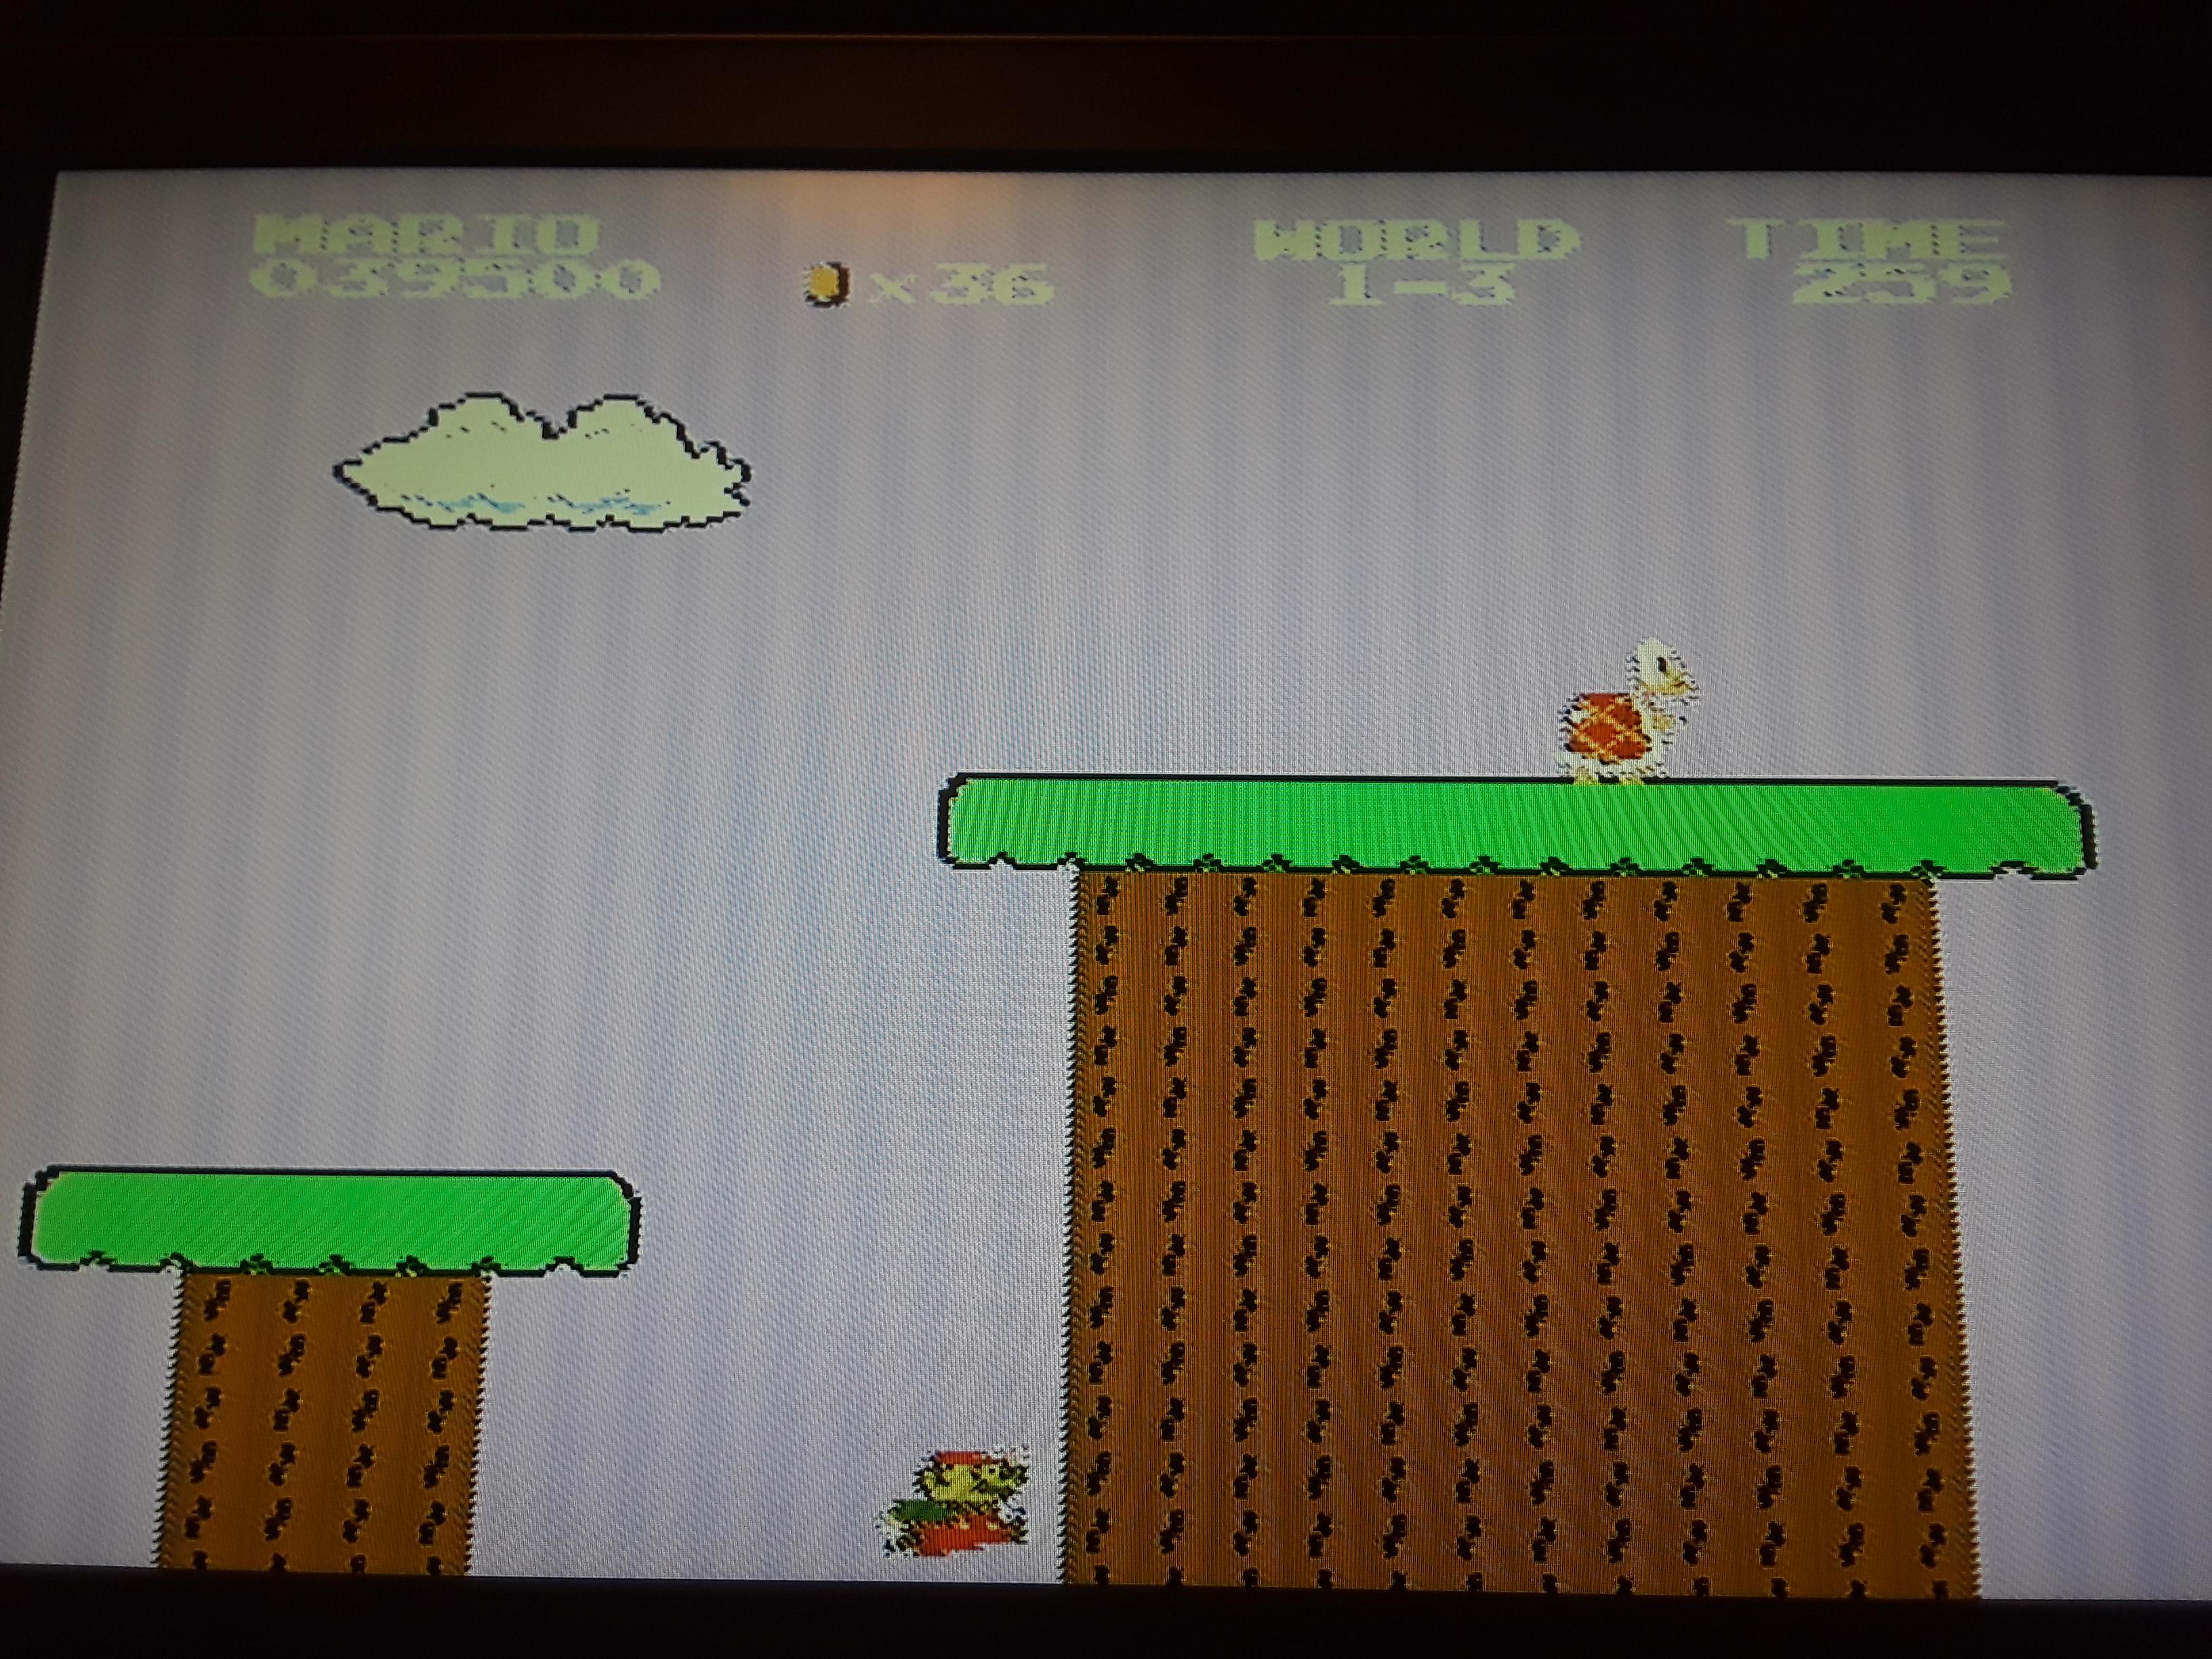 Super Mario Bros. 39,500 points